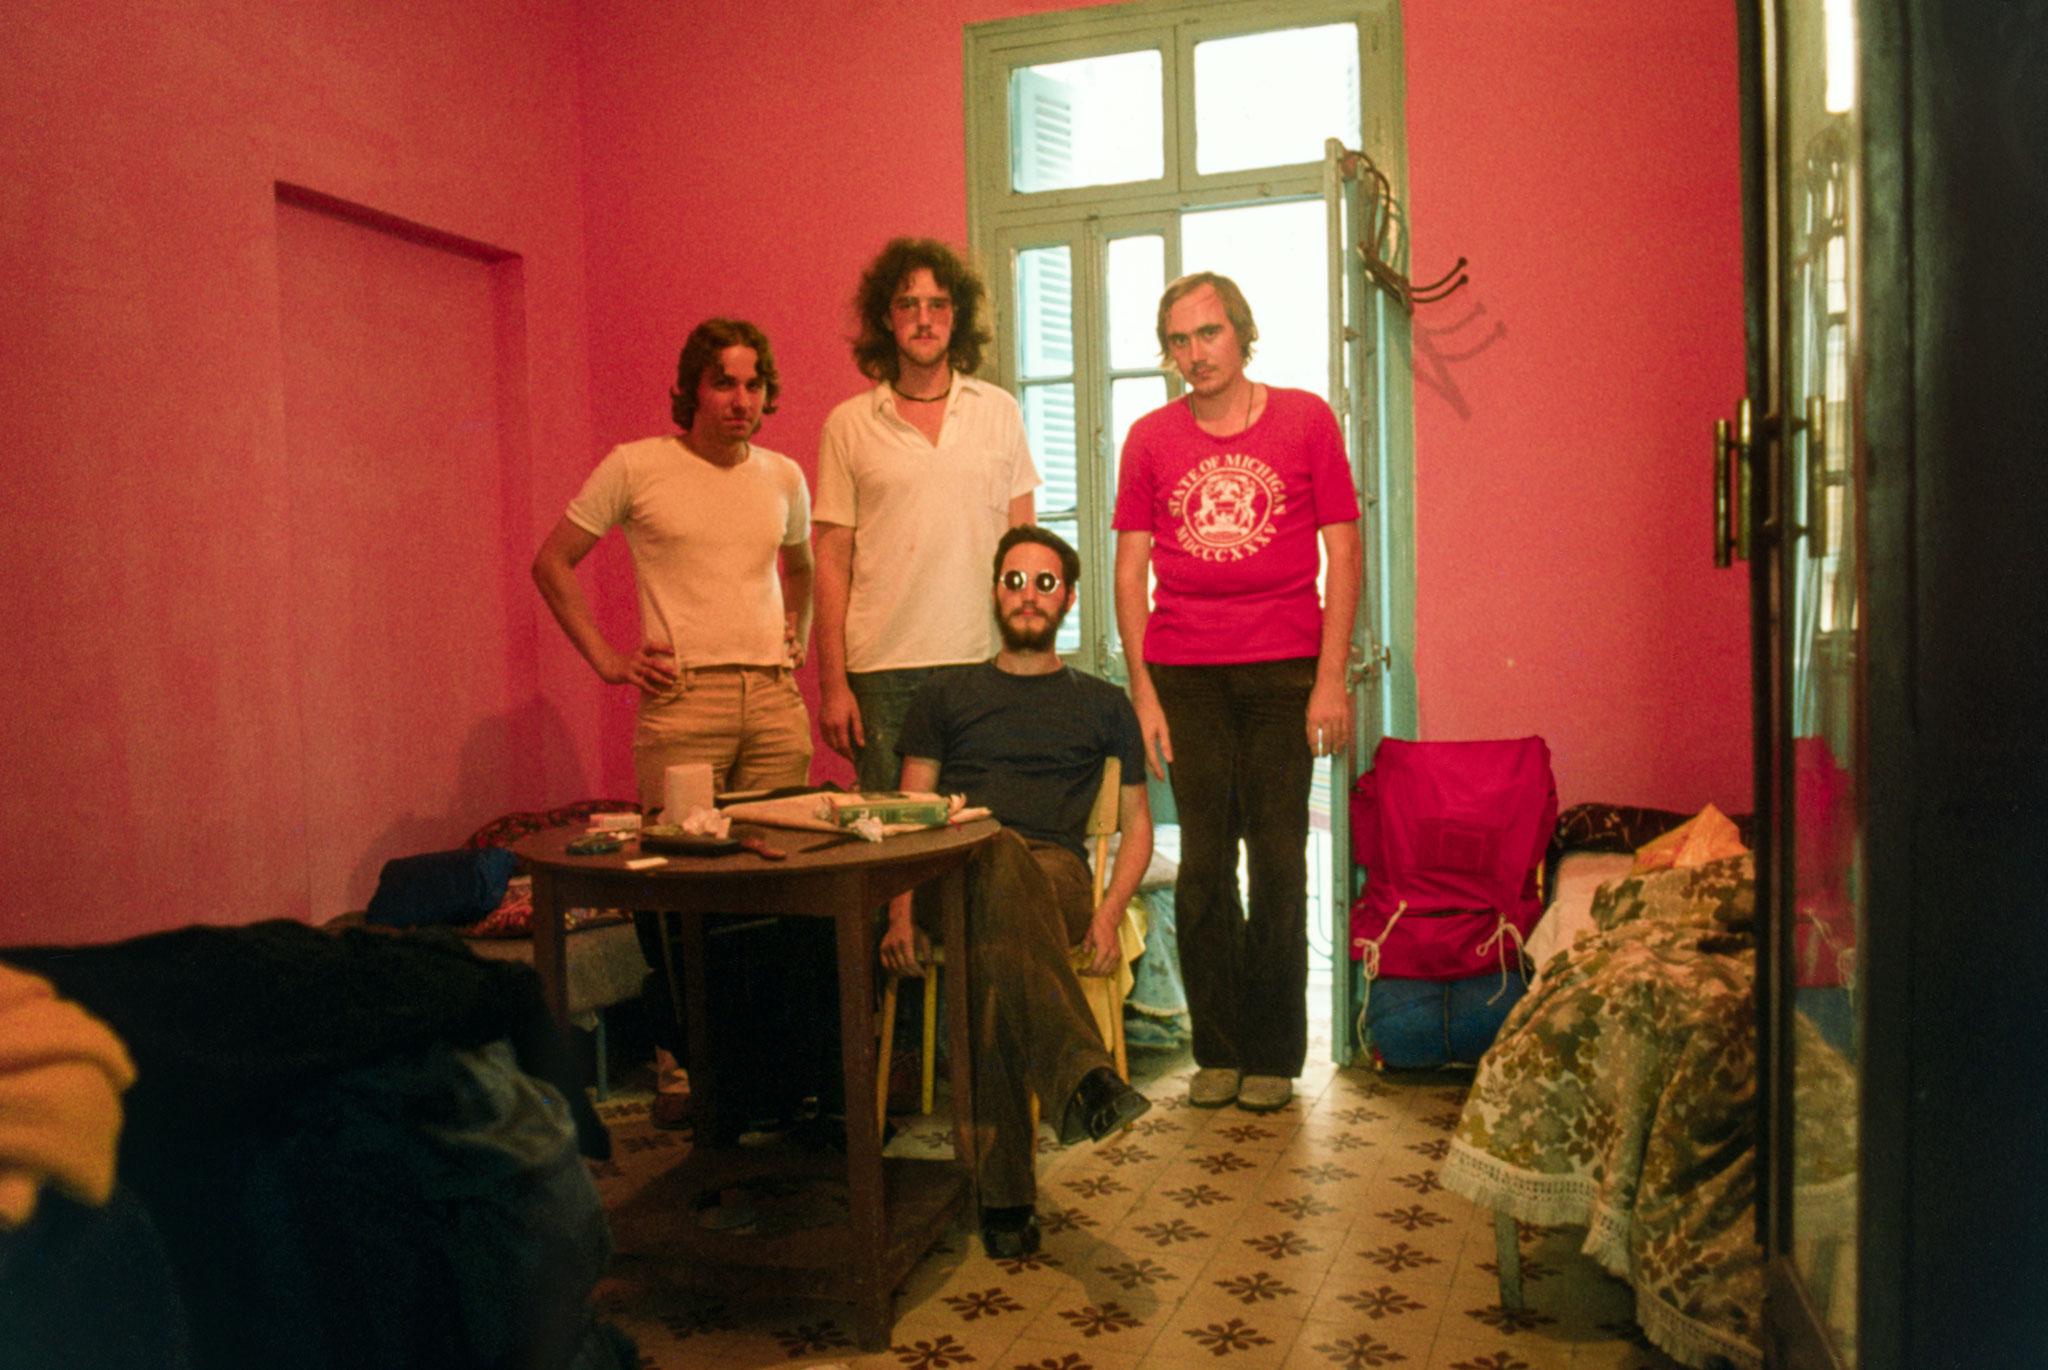 Gruppenbild im Hotelzimmer in Tanger